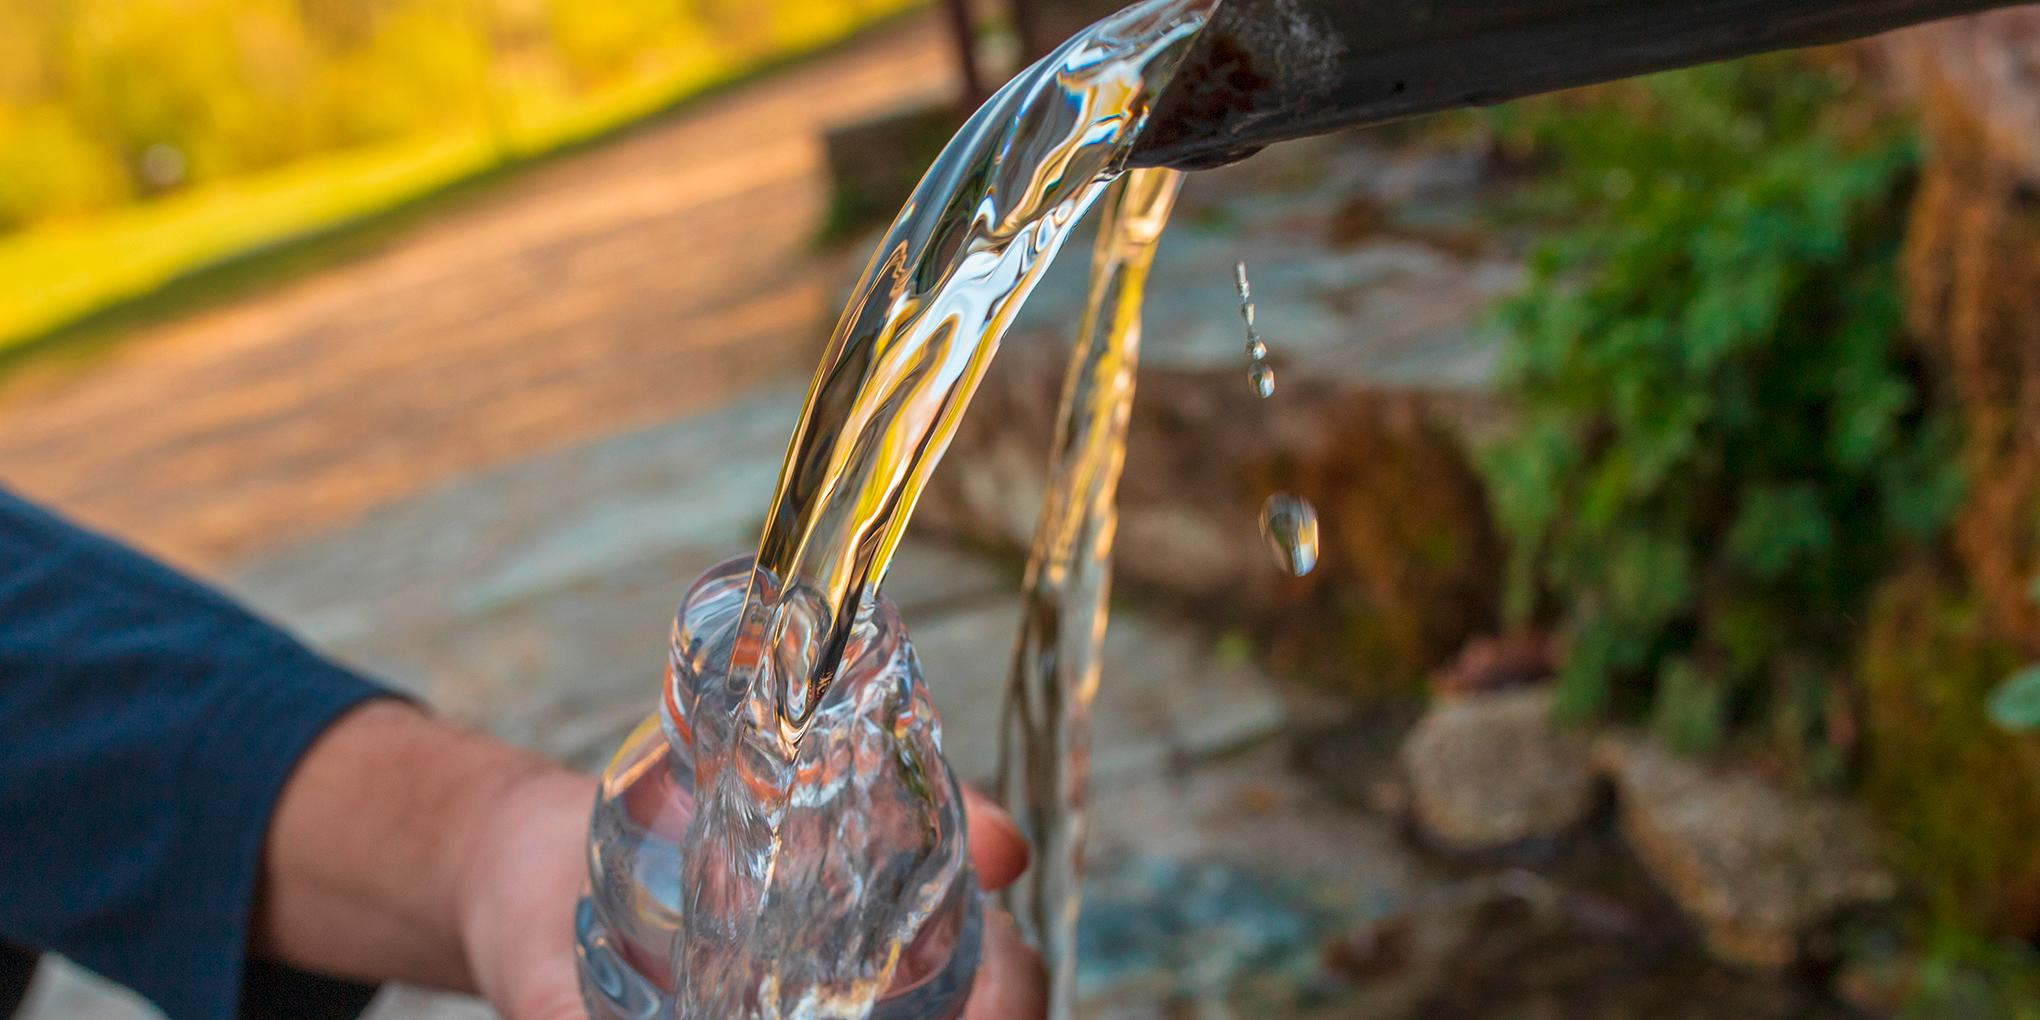 waterfles gevuld aan natuurlijke bron van water